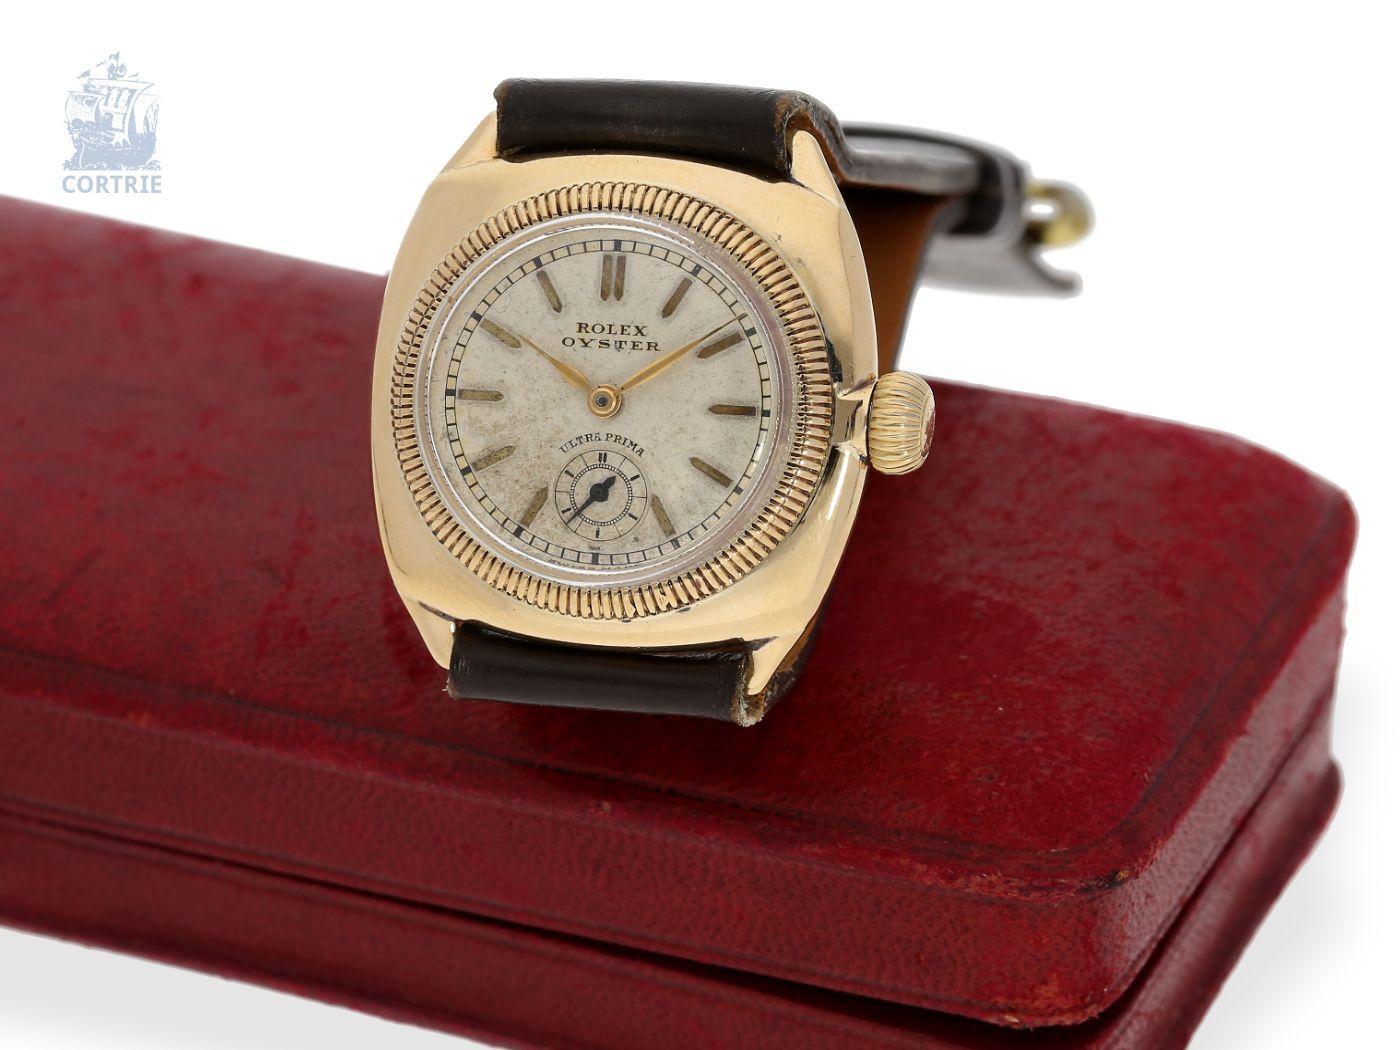 Armbanduhr Rolex Rarität Eines Der Frühesten Bekannten Rolex Chronometer Qualität